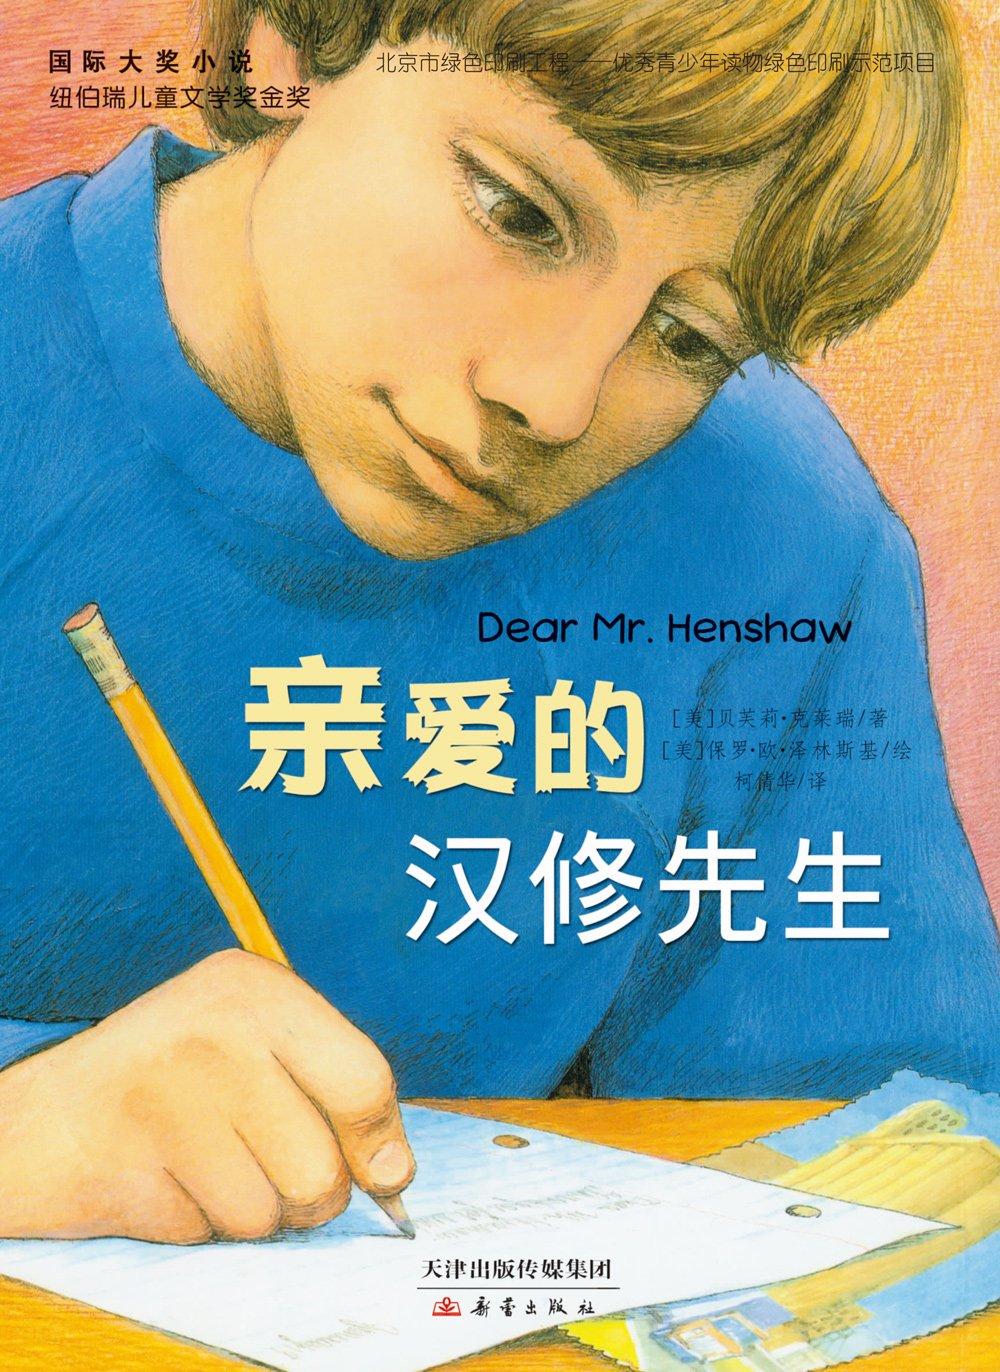 国际大奖小说:亲爱的汉修先生